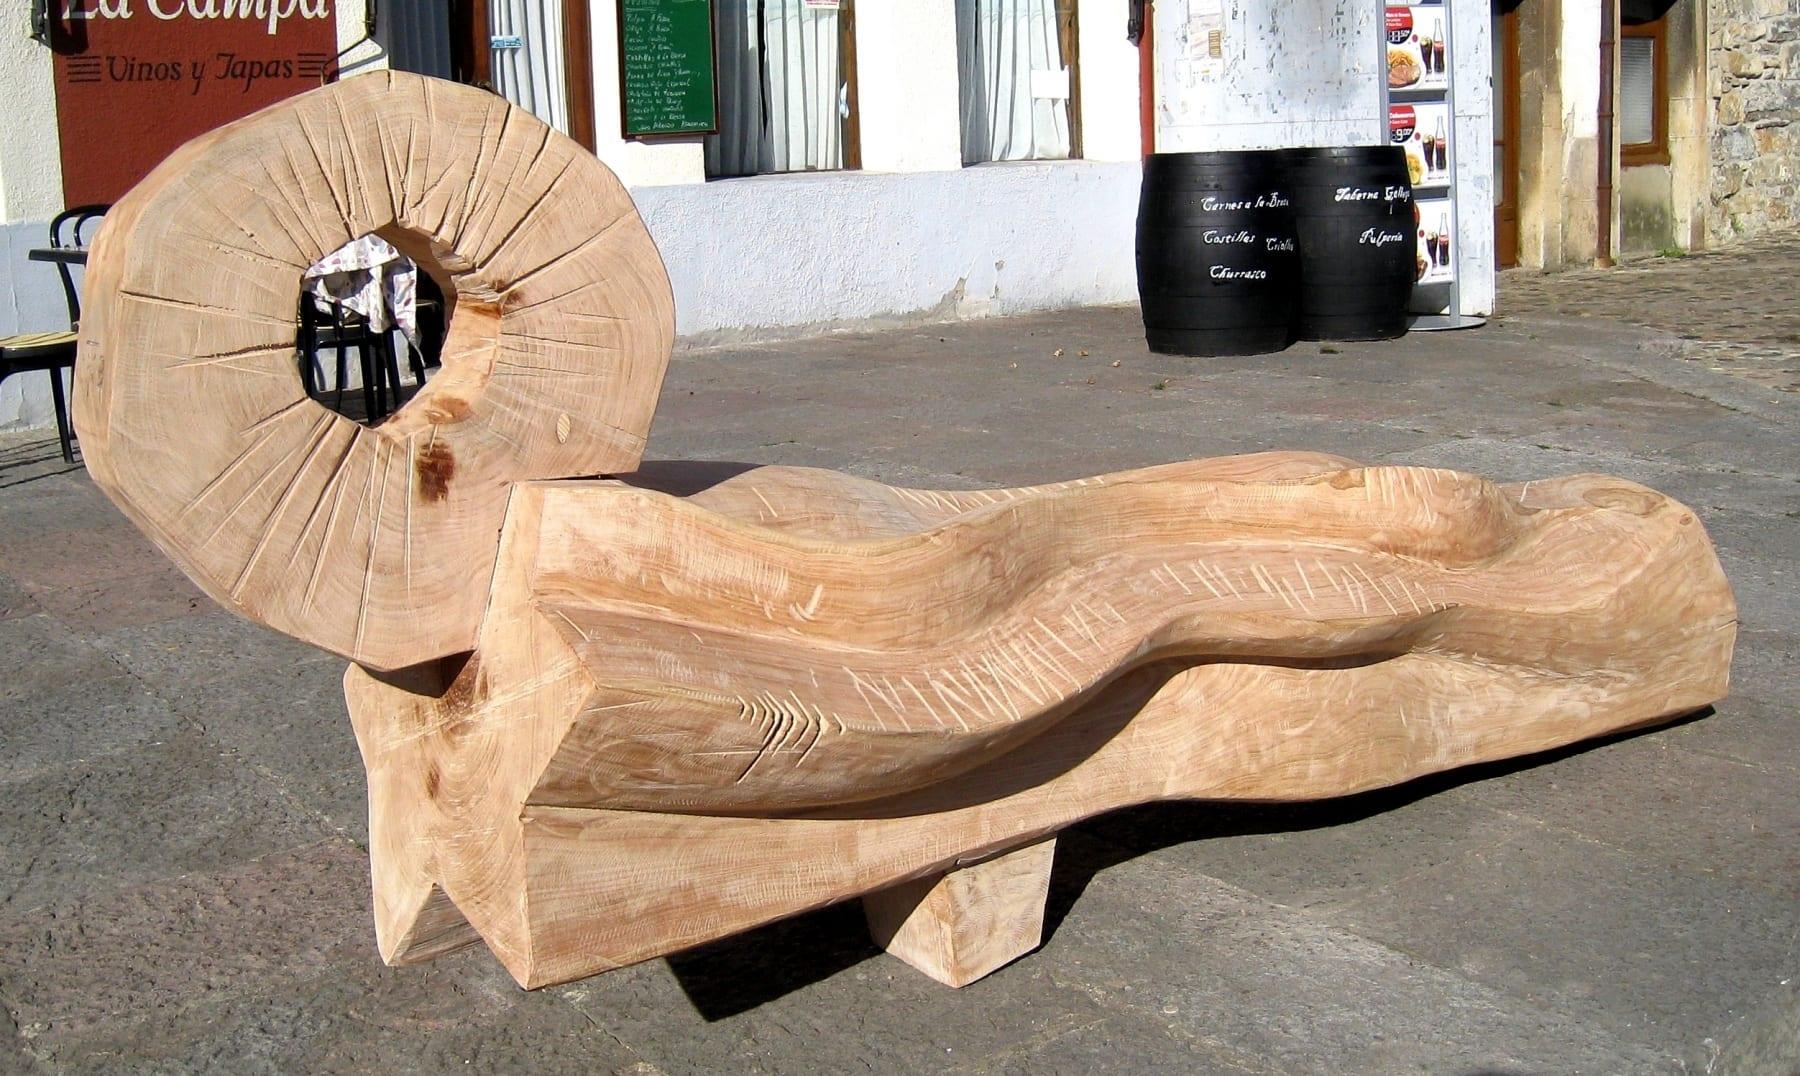 """""""RITUAAL"""" 2009 puu - rahvusvaheline puuskulptuuri sümpoosion Salas, Hispaania<br/> """"RITUAL"""" 2009 wood - an international woodcarving symposium in Salas, Spain"""